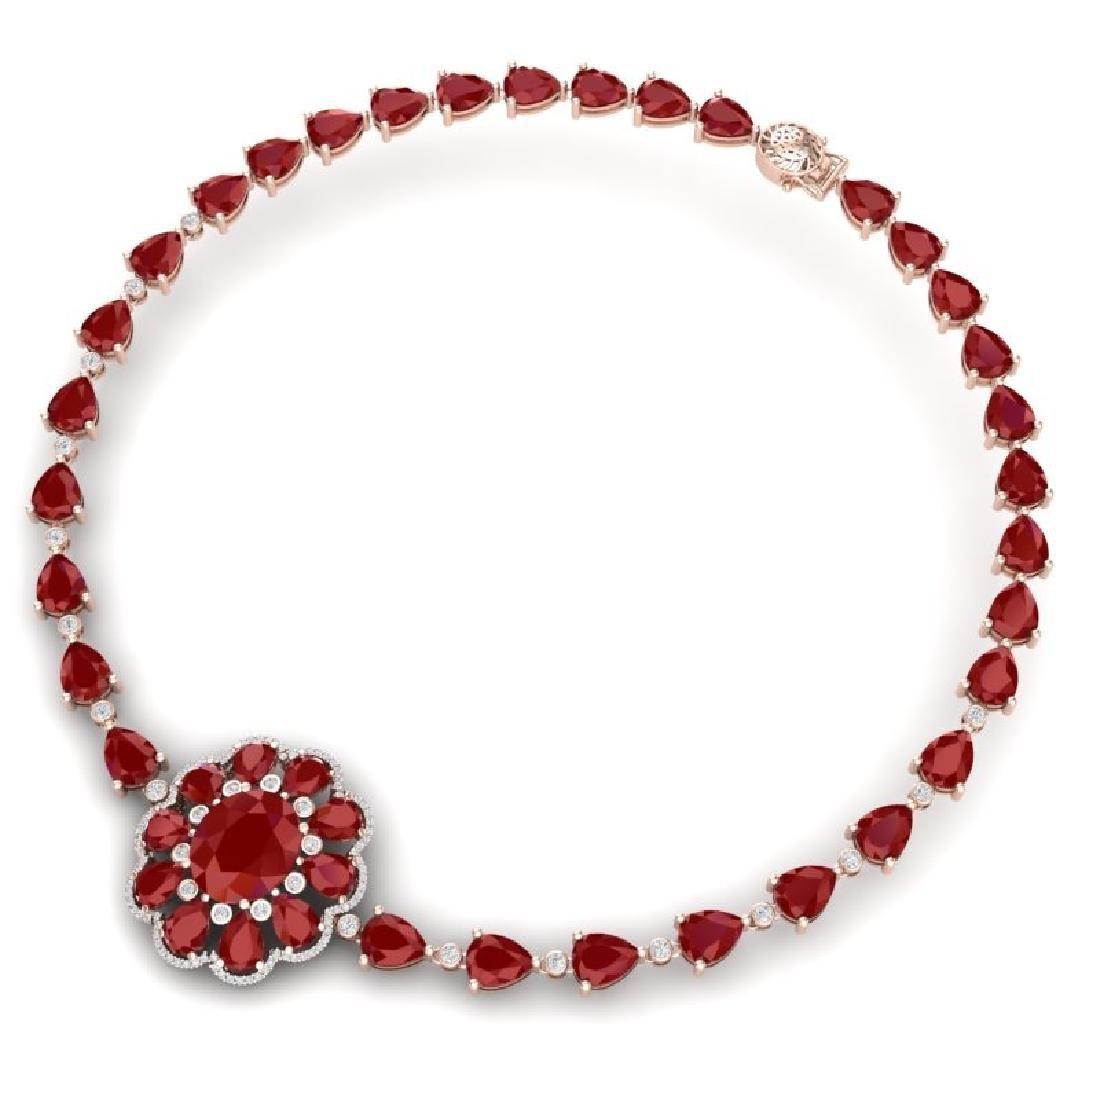 78.98 CTW Royalty Ruby & VS Diamond Necklace 18K Rose - 3